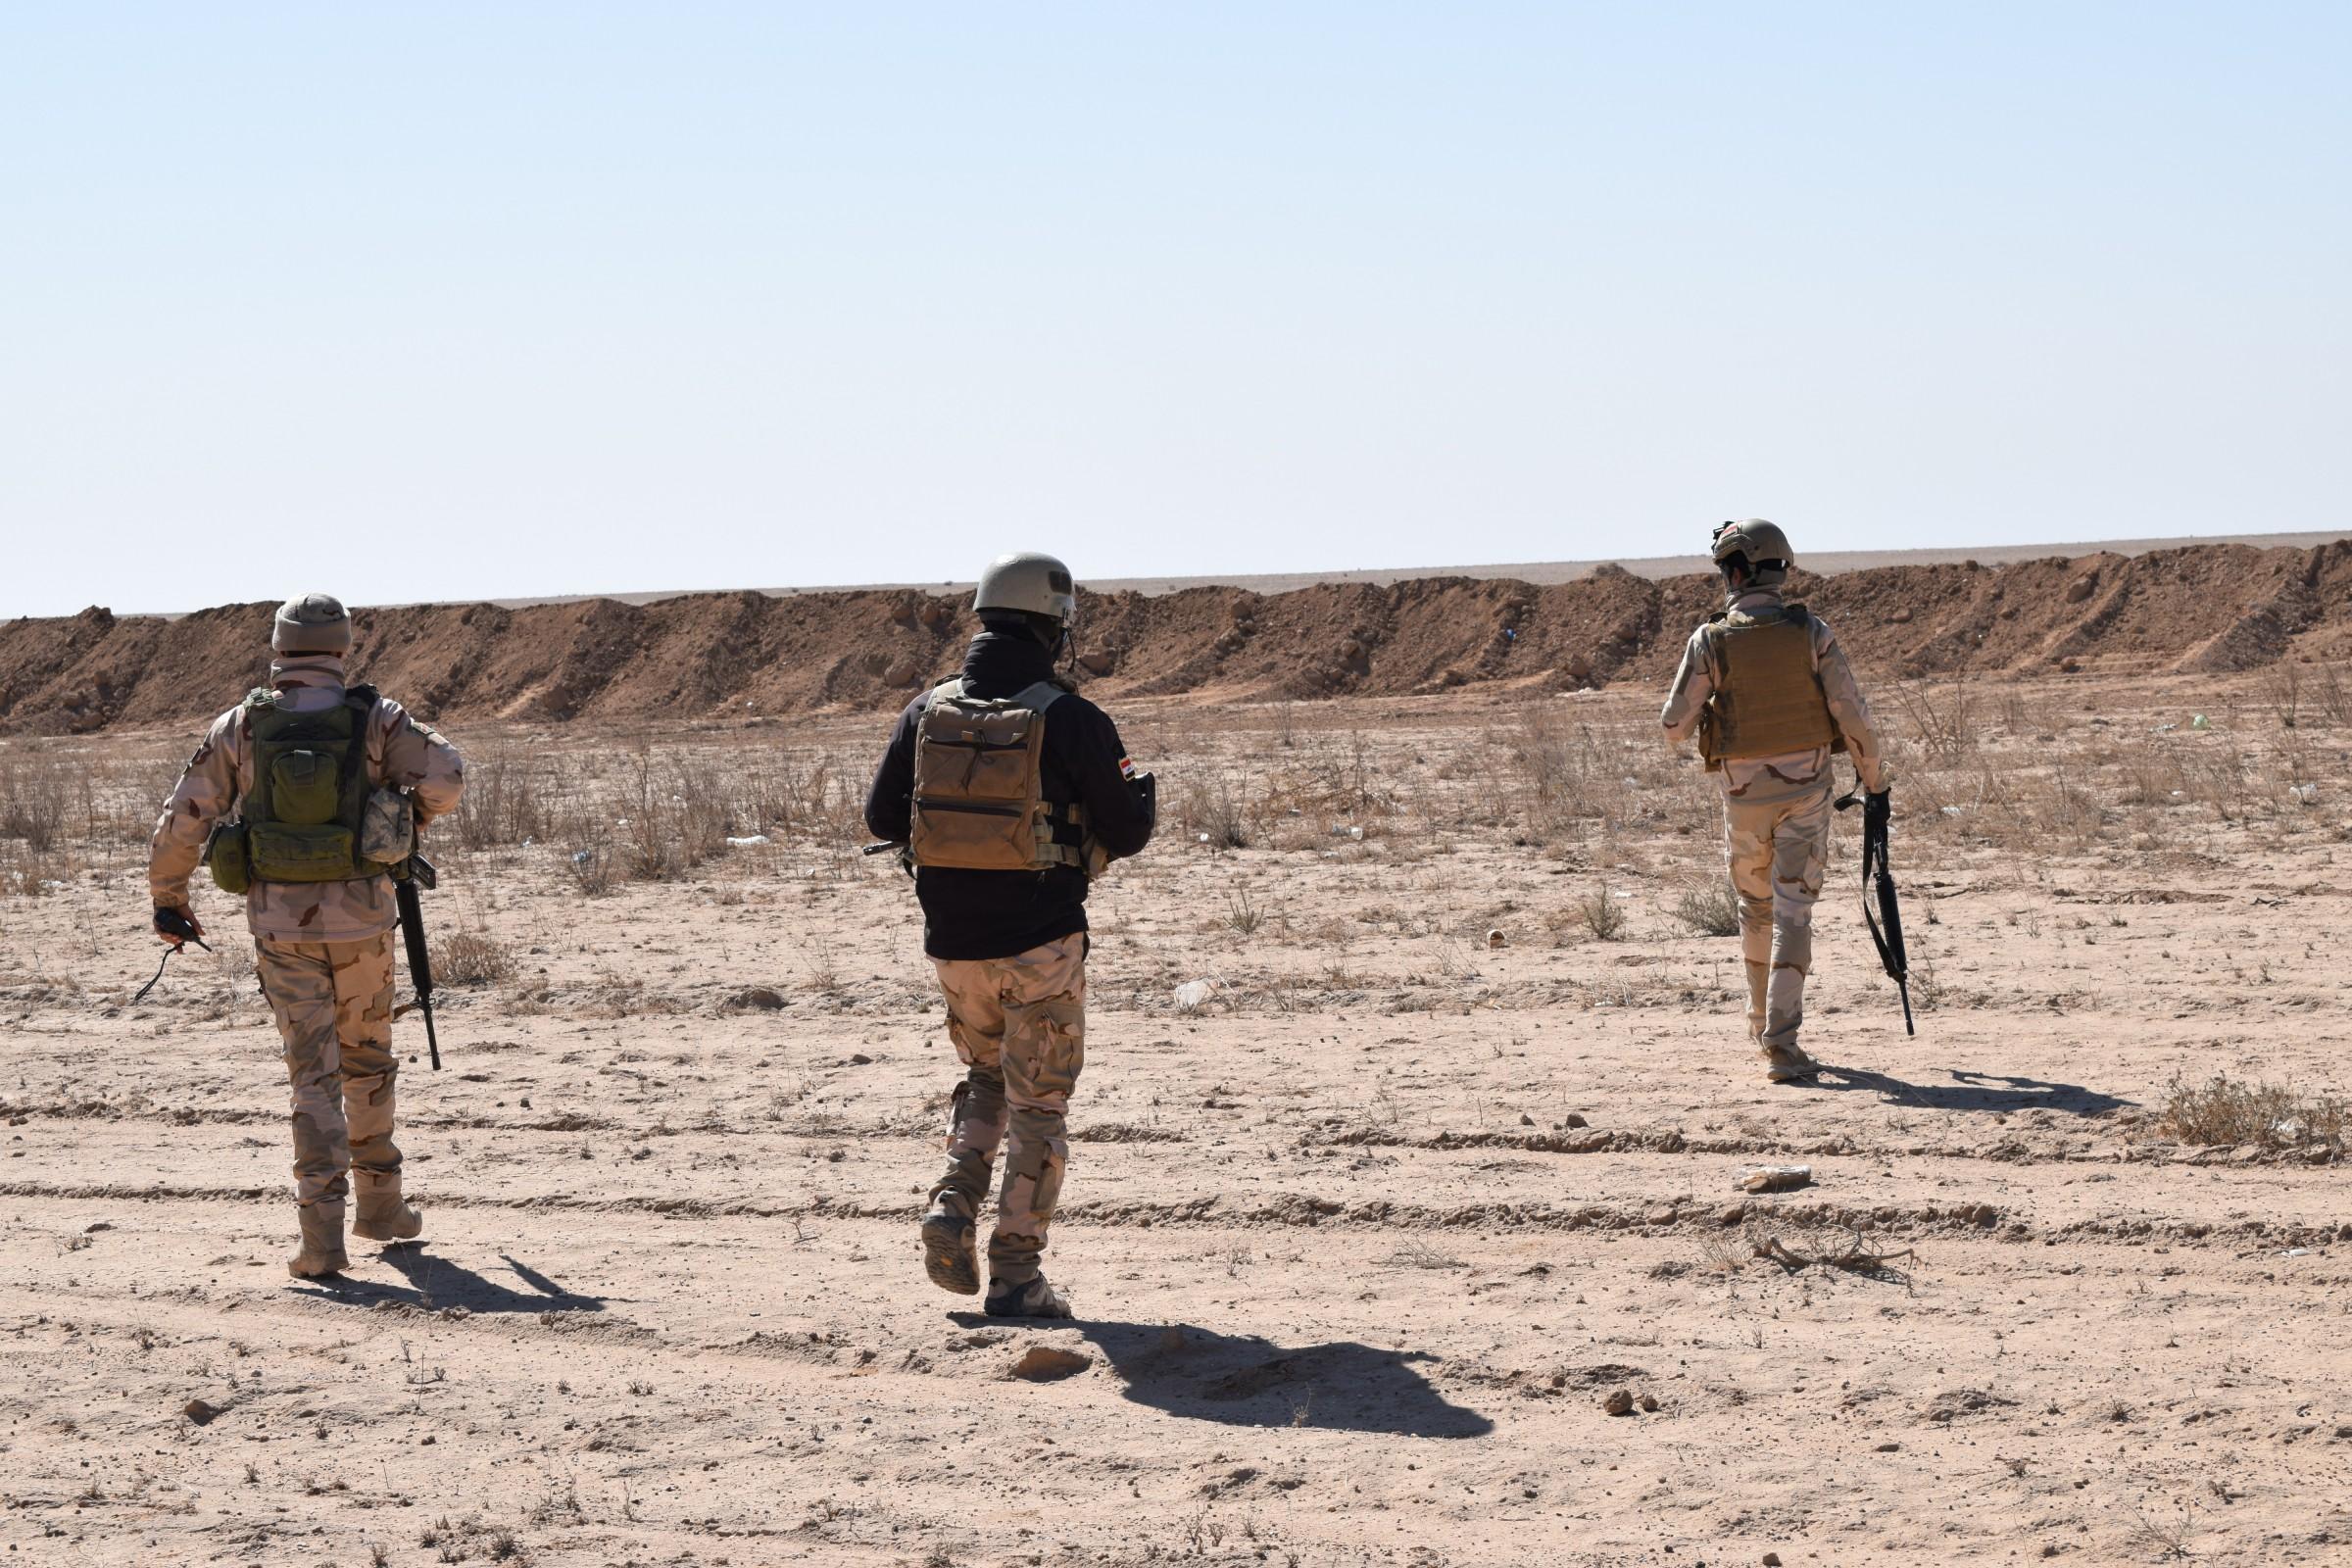 اللواء الركن الفلاحي يعلن قتل انتحاريين حاولا التسلل الى بحيرة الرزازة